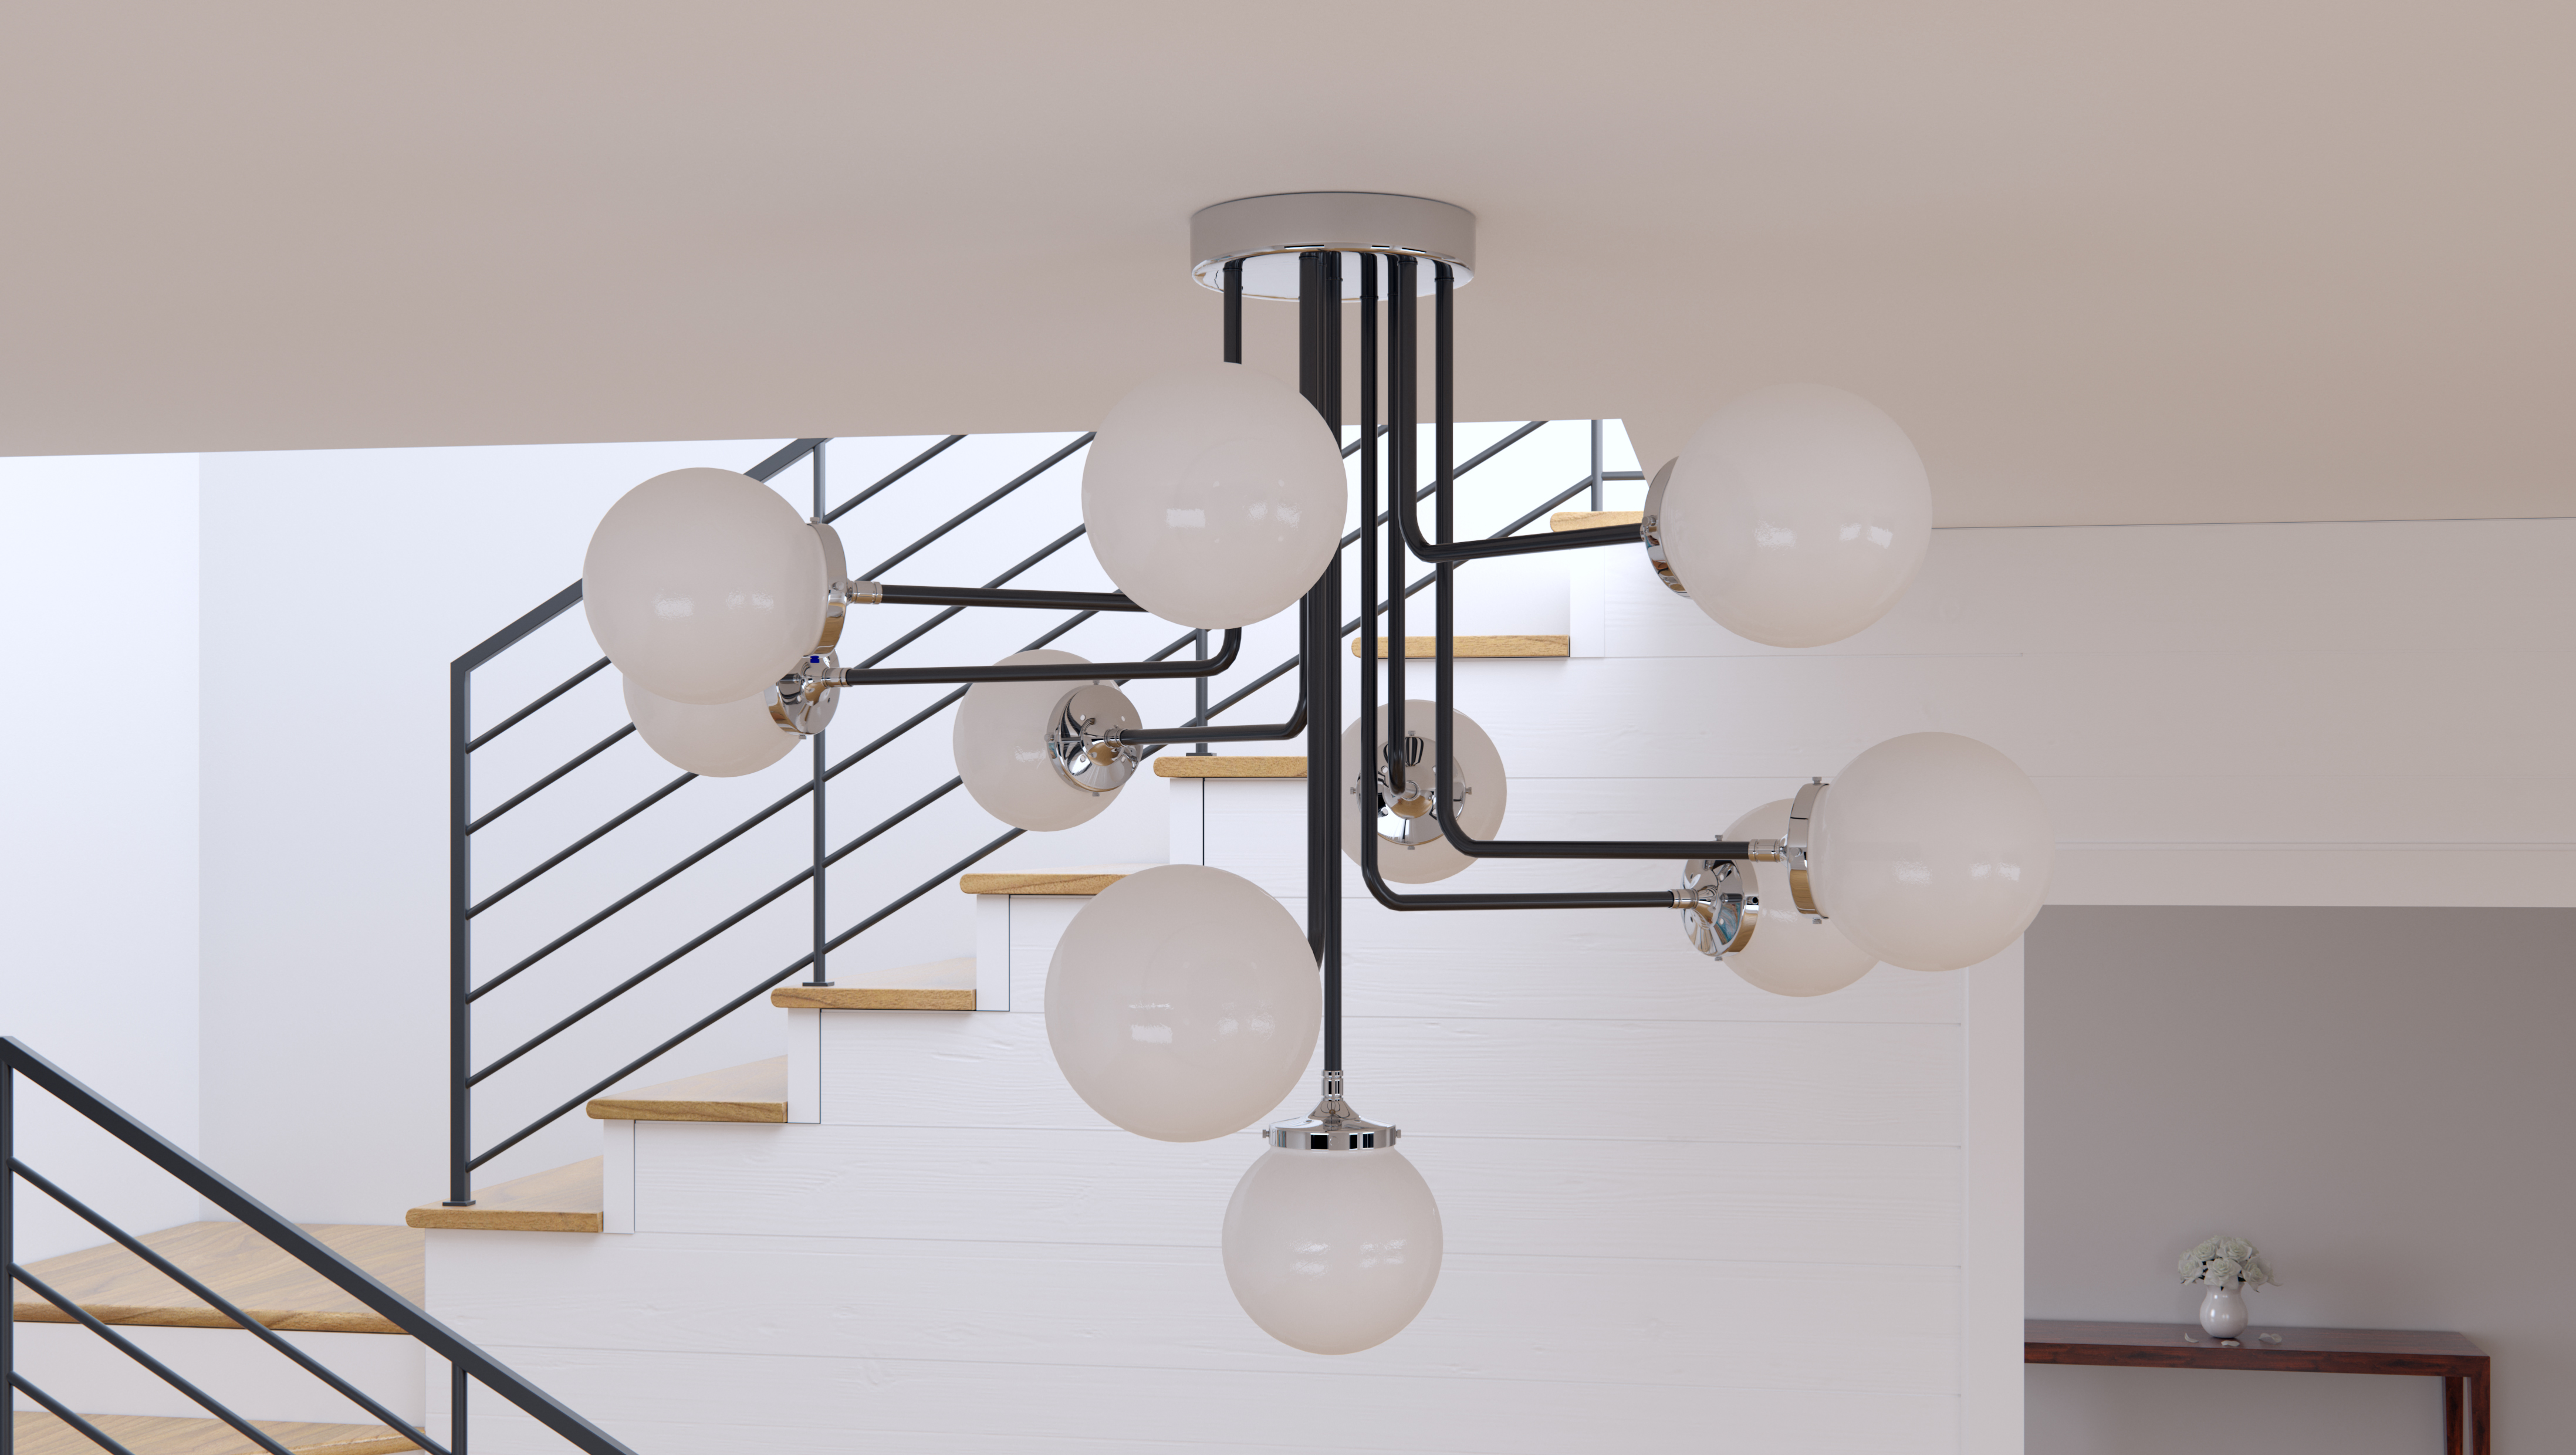 ... Atom 8-Light Pendant  sc 1 st  Maxim Lighting & Atom 8-Light Pendant - Multi-Light Pendant - Maxim Lighting azcodes.com